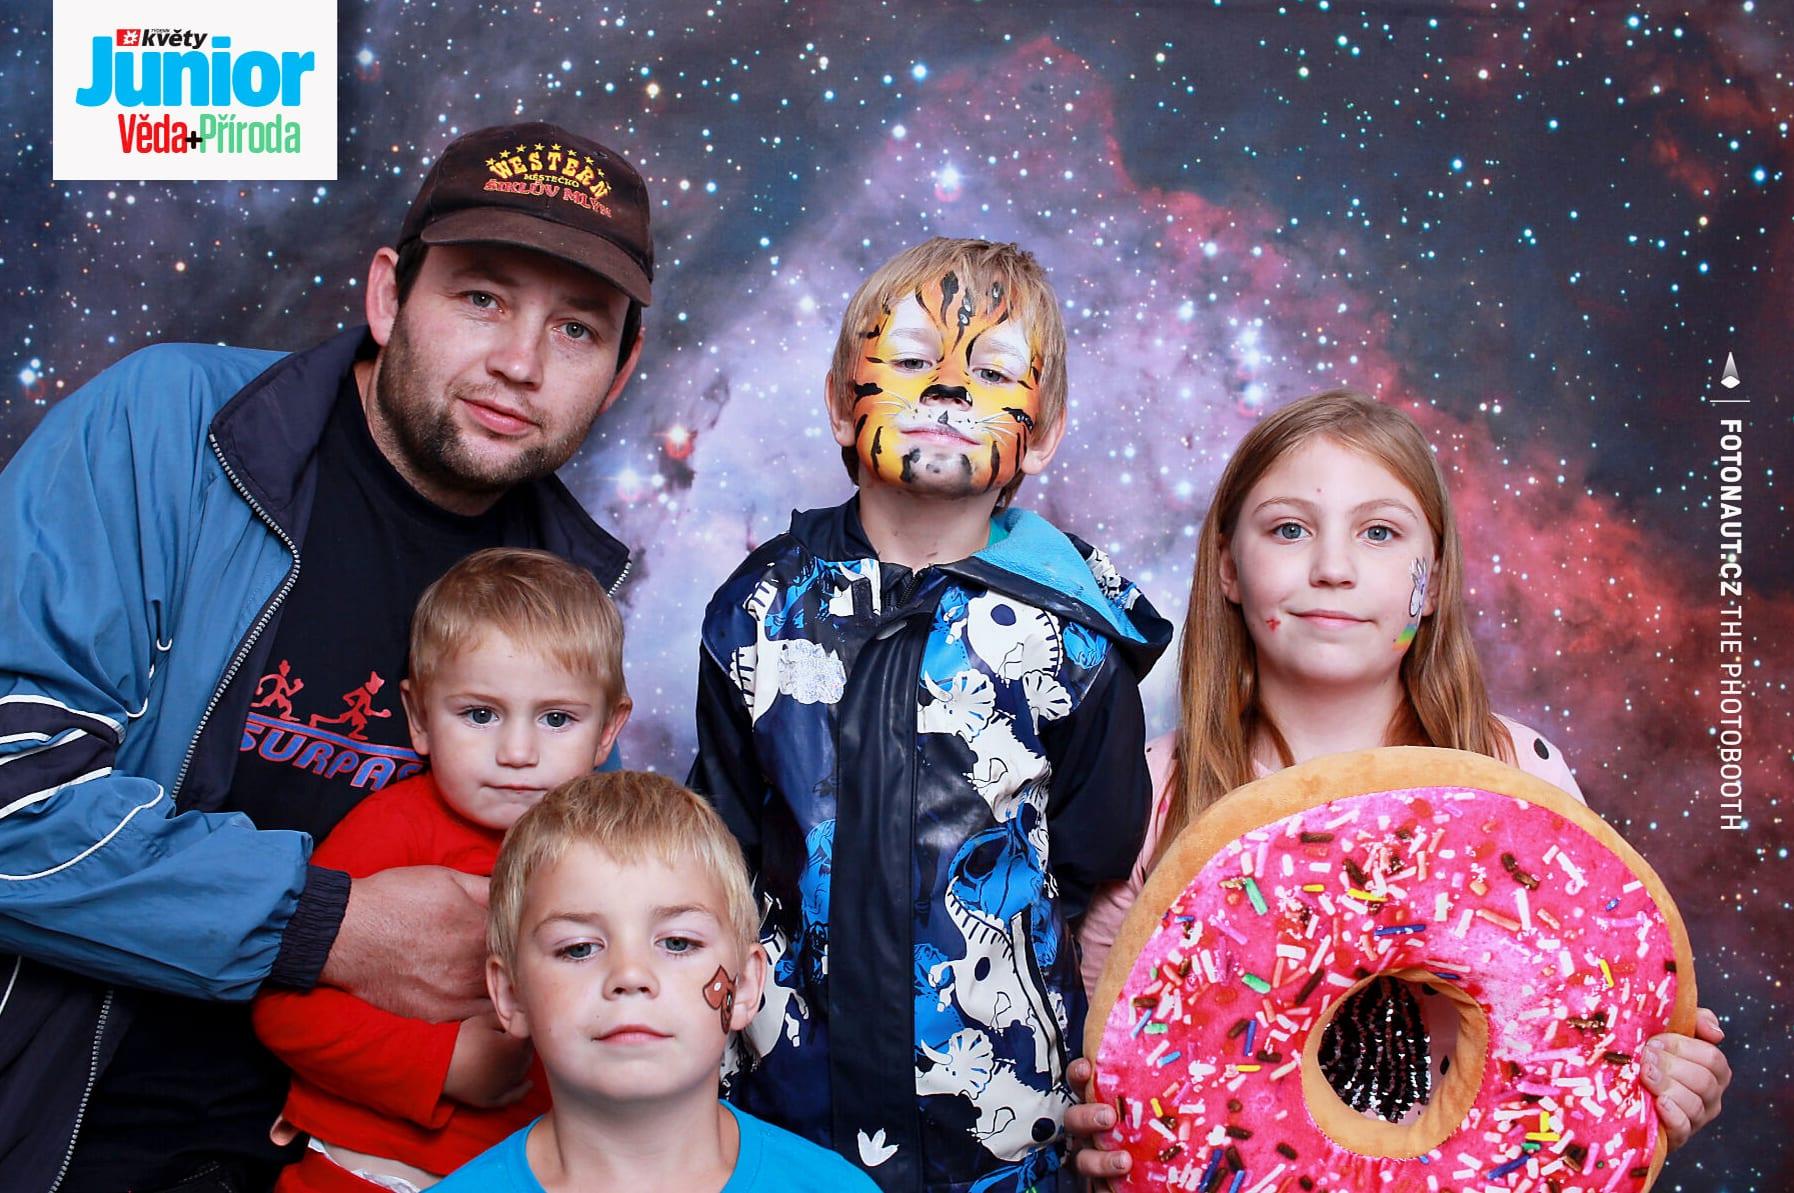 fotokoutek-brno-family-day-vlm-13-7-2019-641216